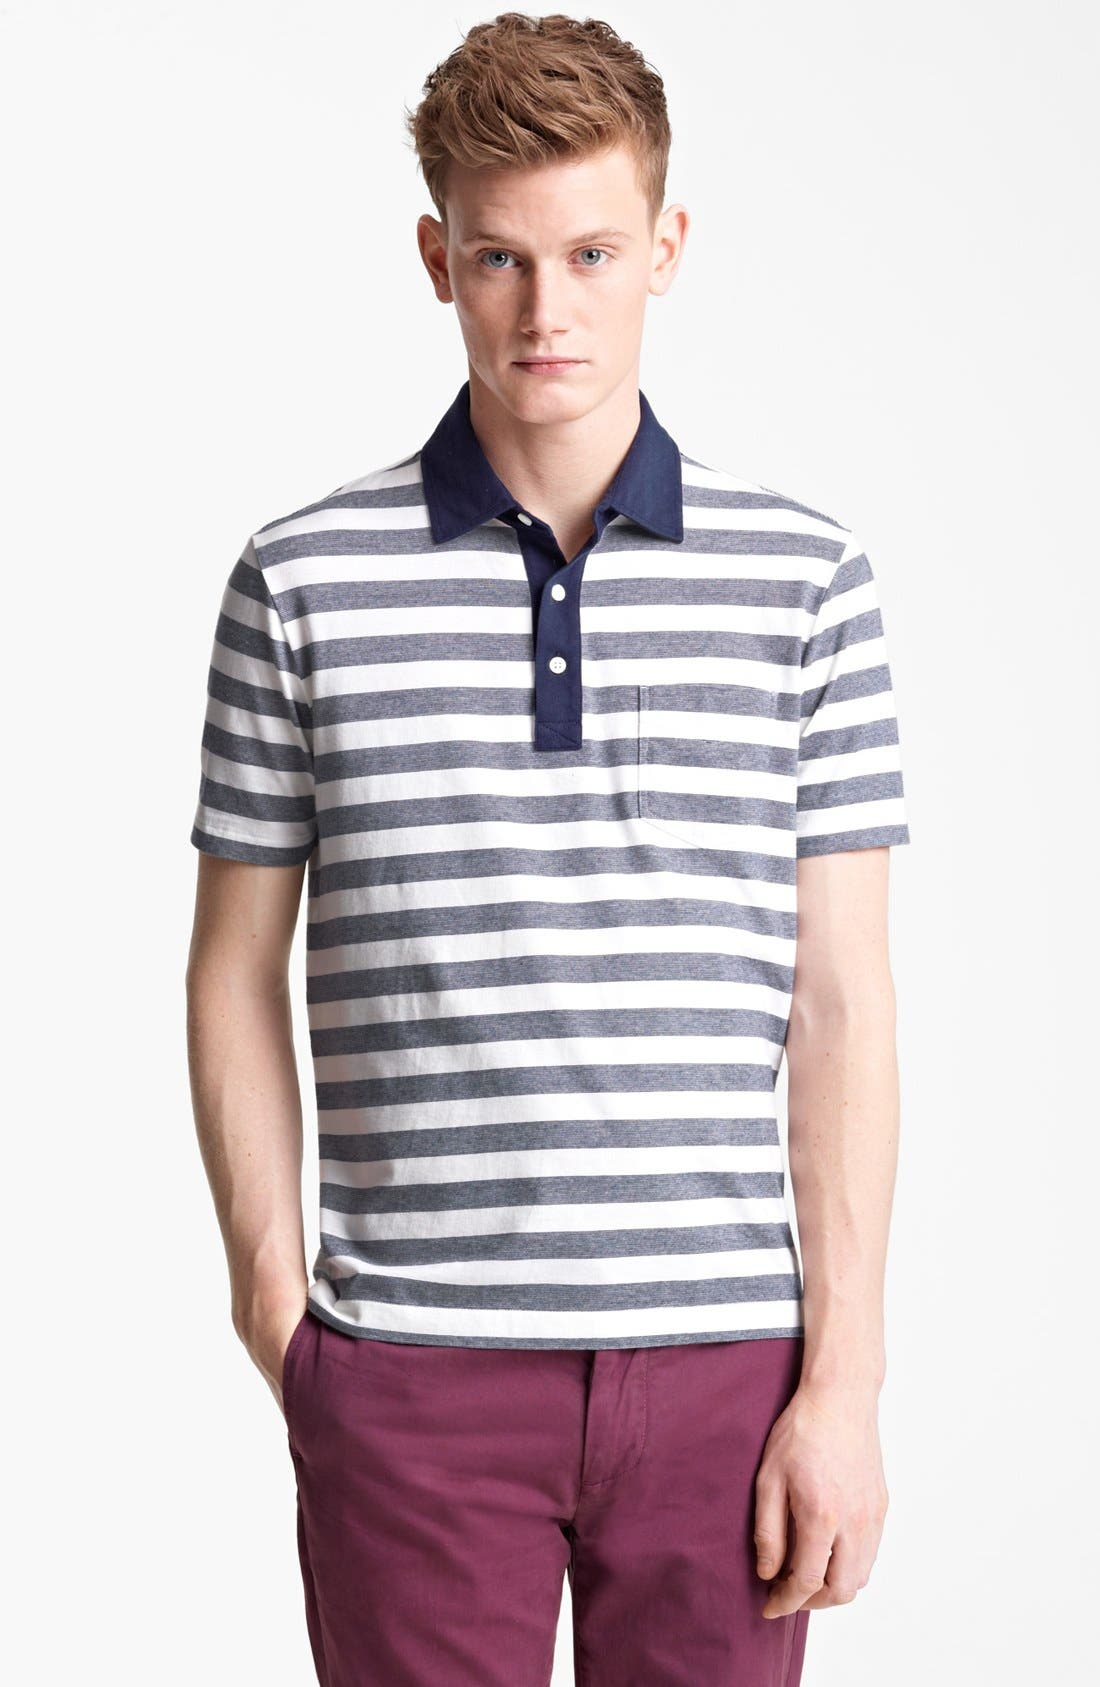 Alternate Image 1 Selected - Jack Spade 'Warren' Stripe Jersey Polo